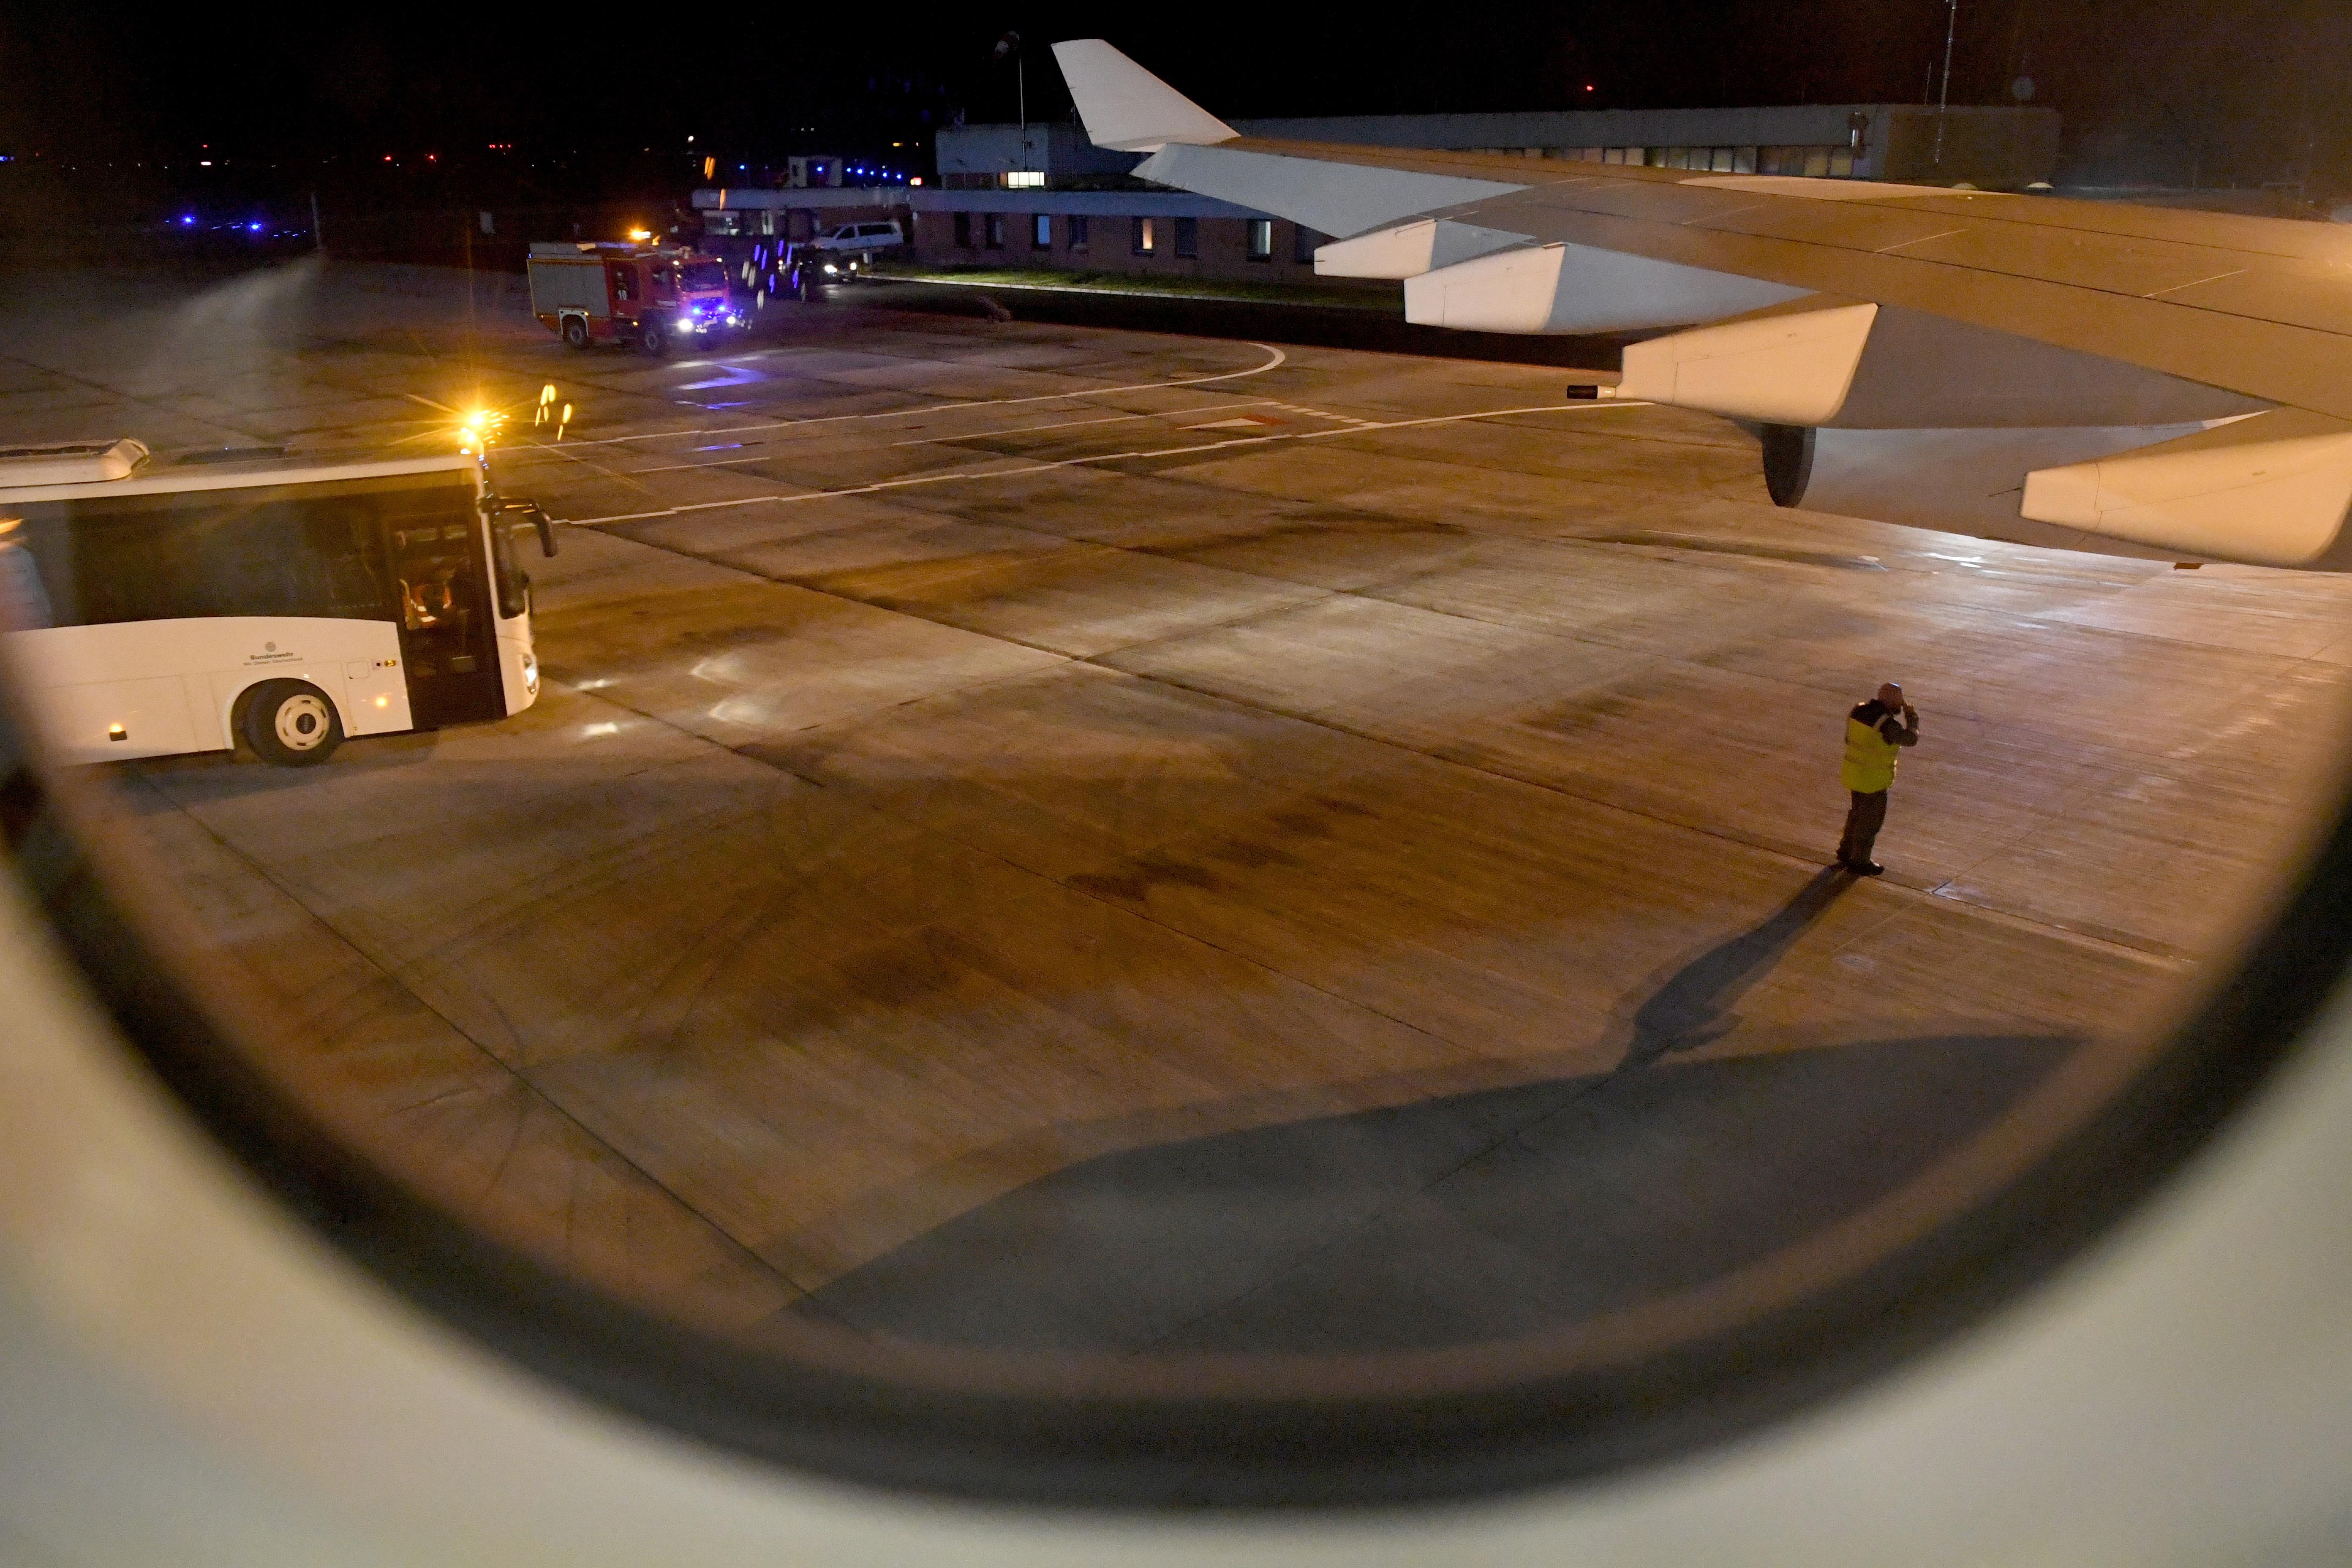 Αναγκαστική προσγείωση για το αεροσκάφος που μετέφερε τη Μέρκελ